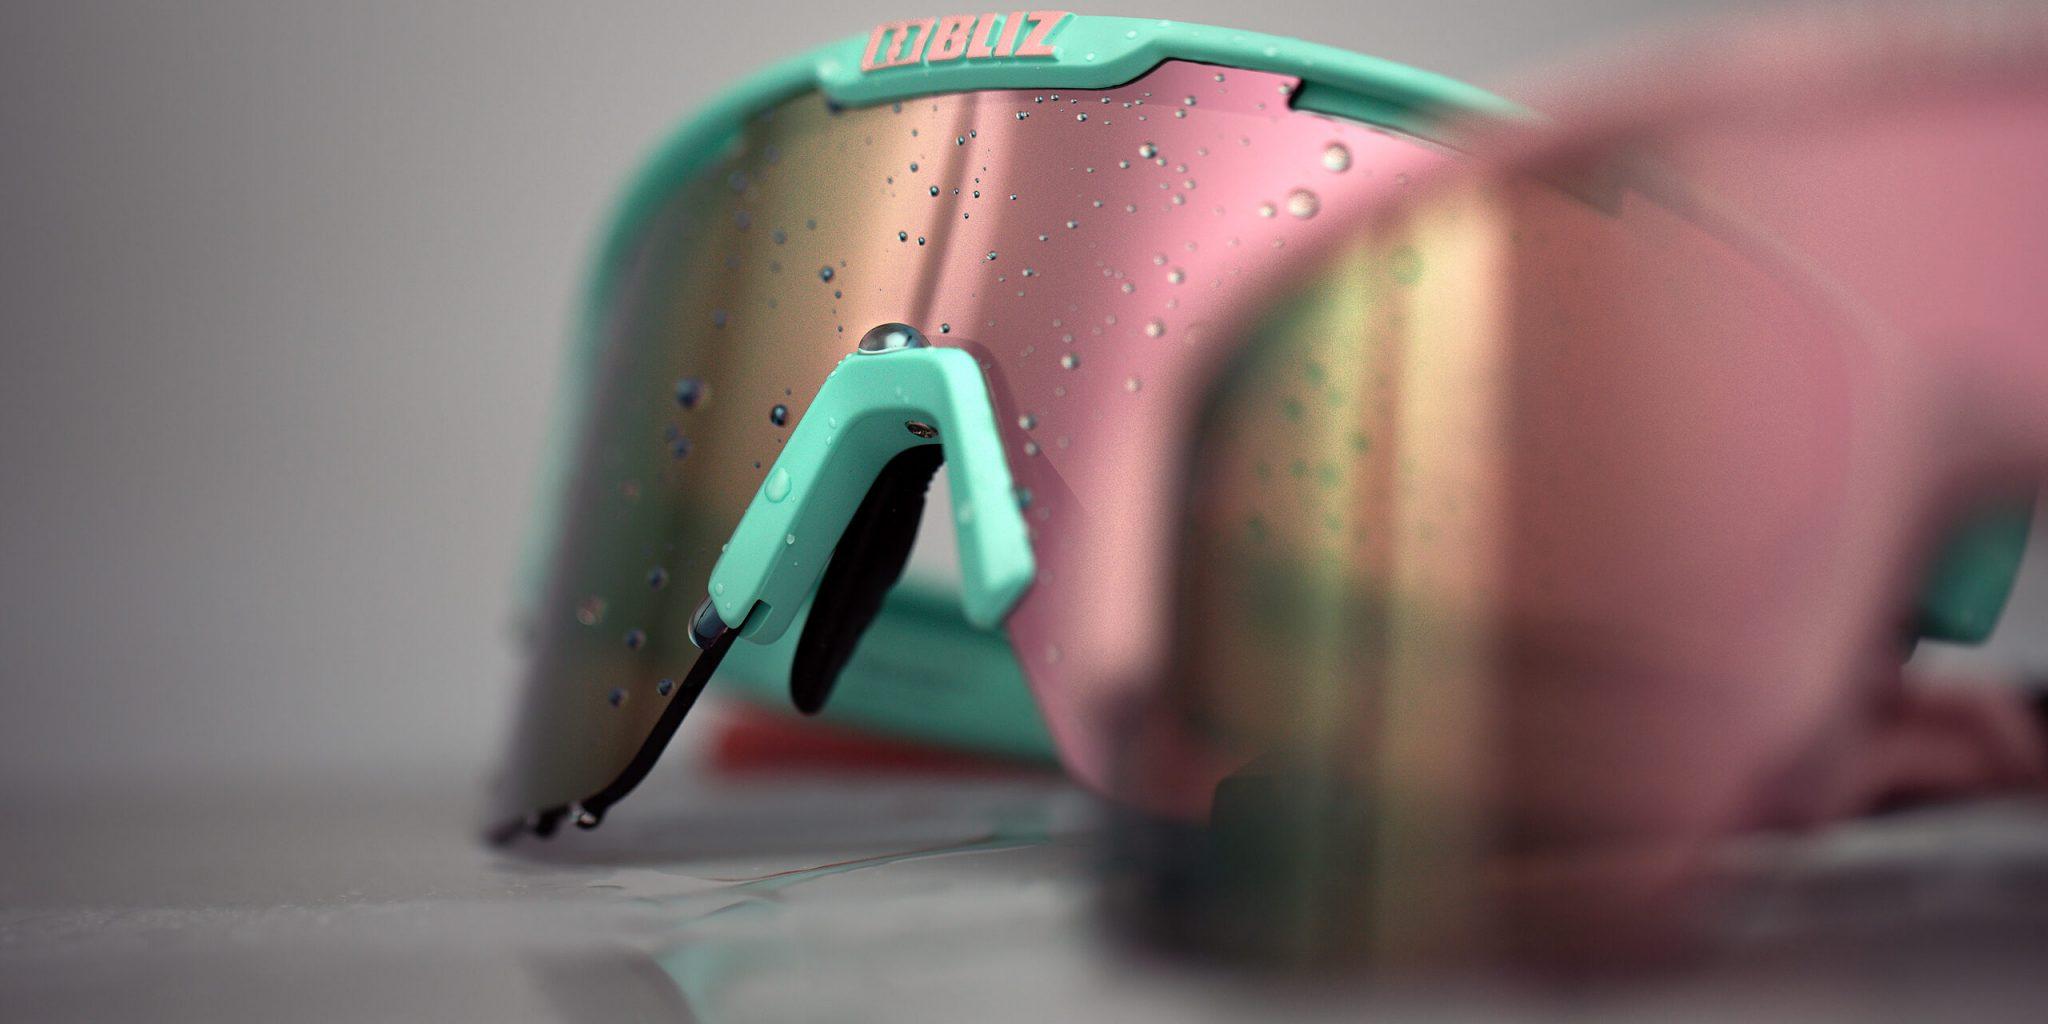 52104-39_matrix-bliz sunglasses_studio_sportsglasses_detail1